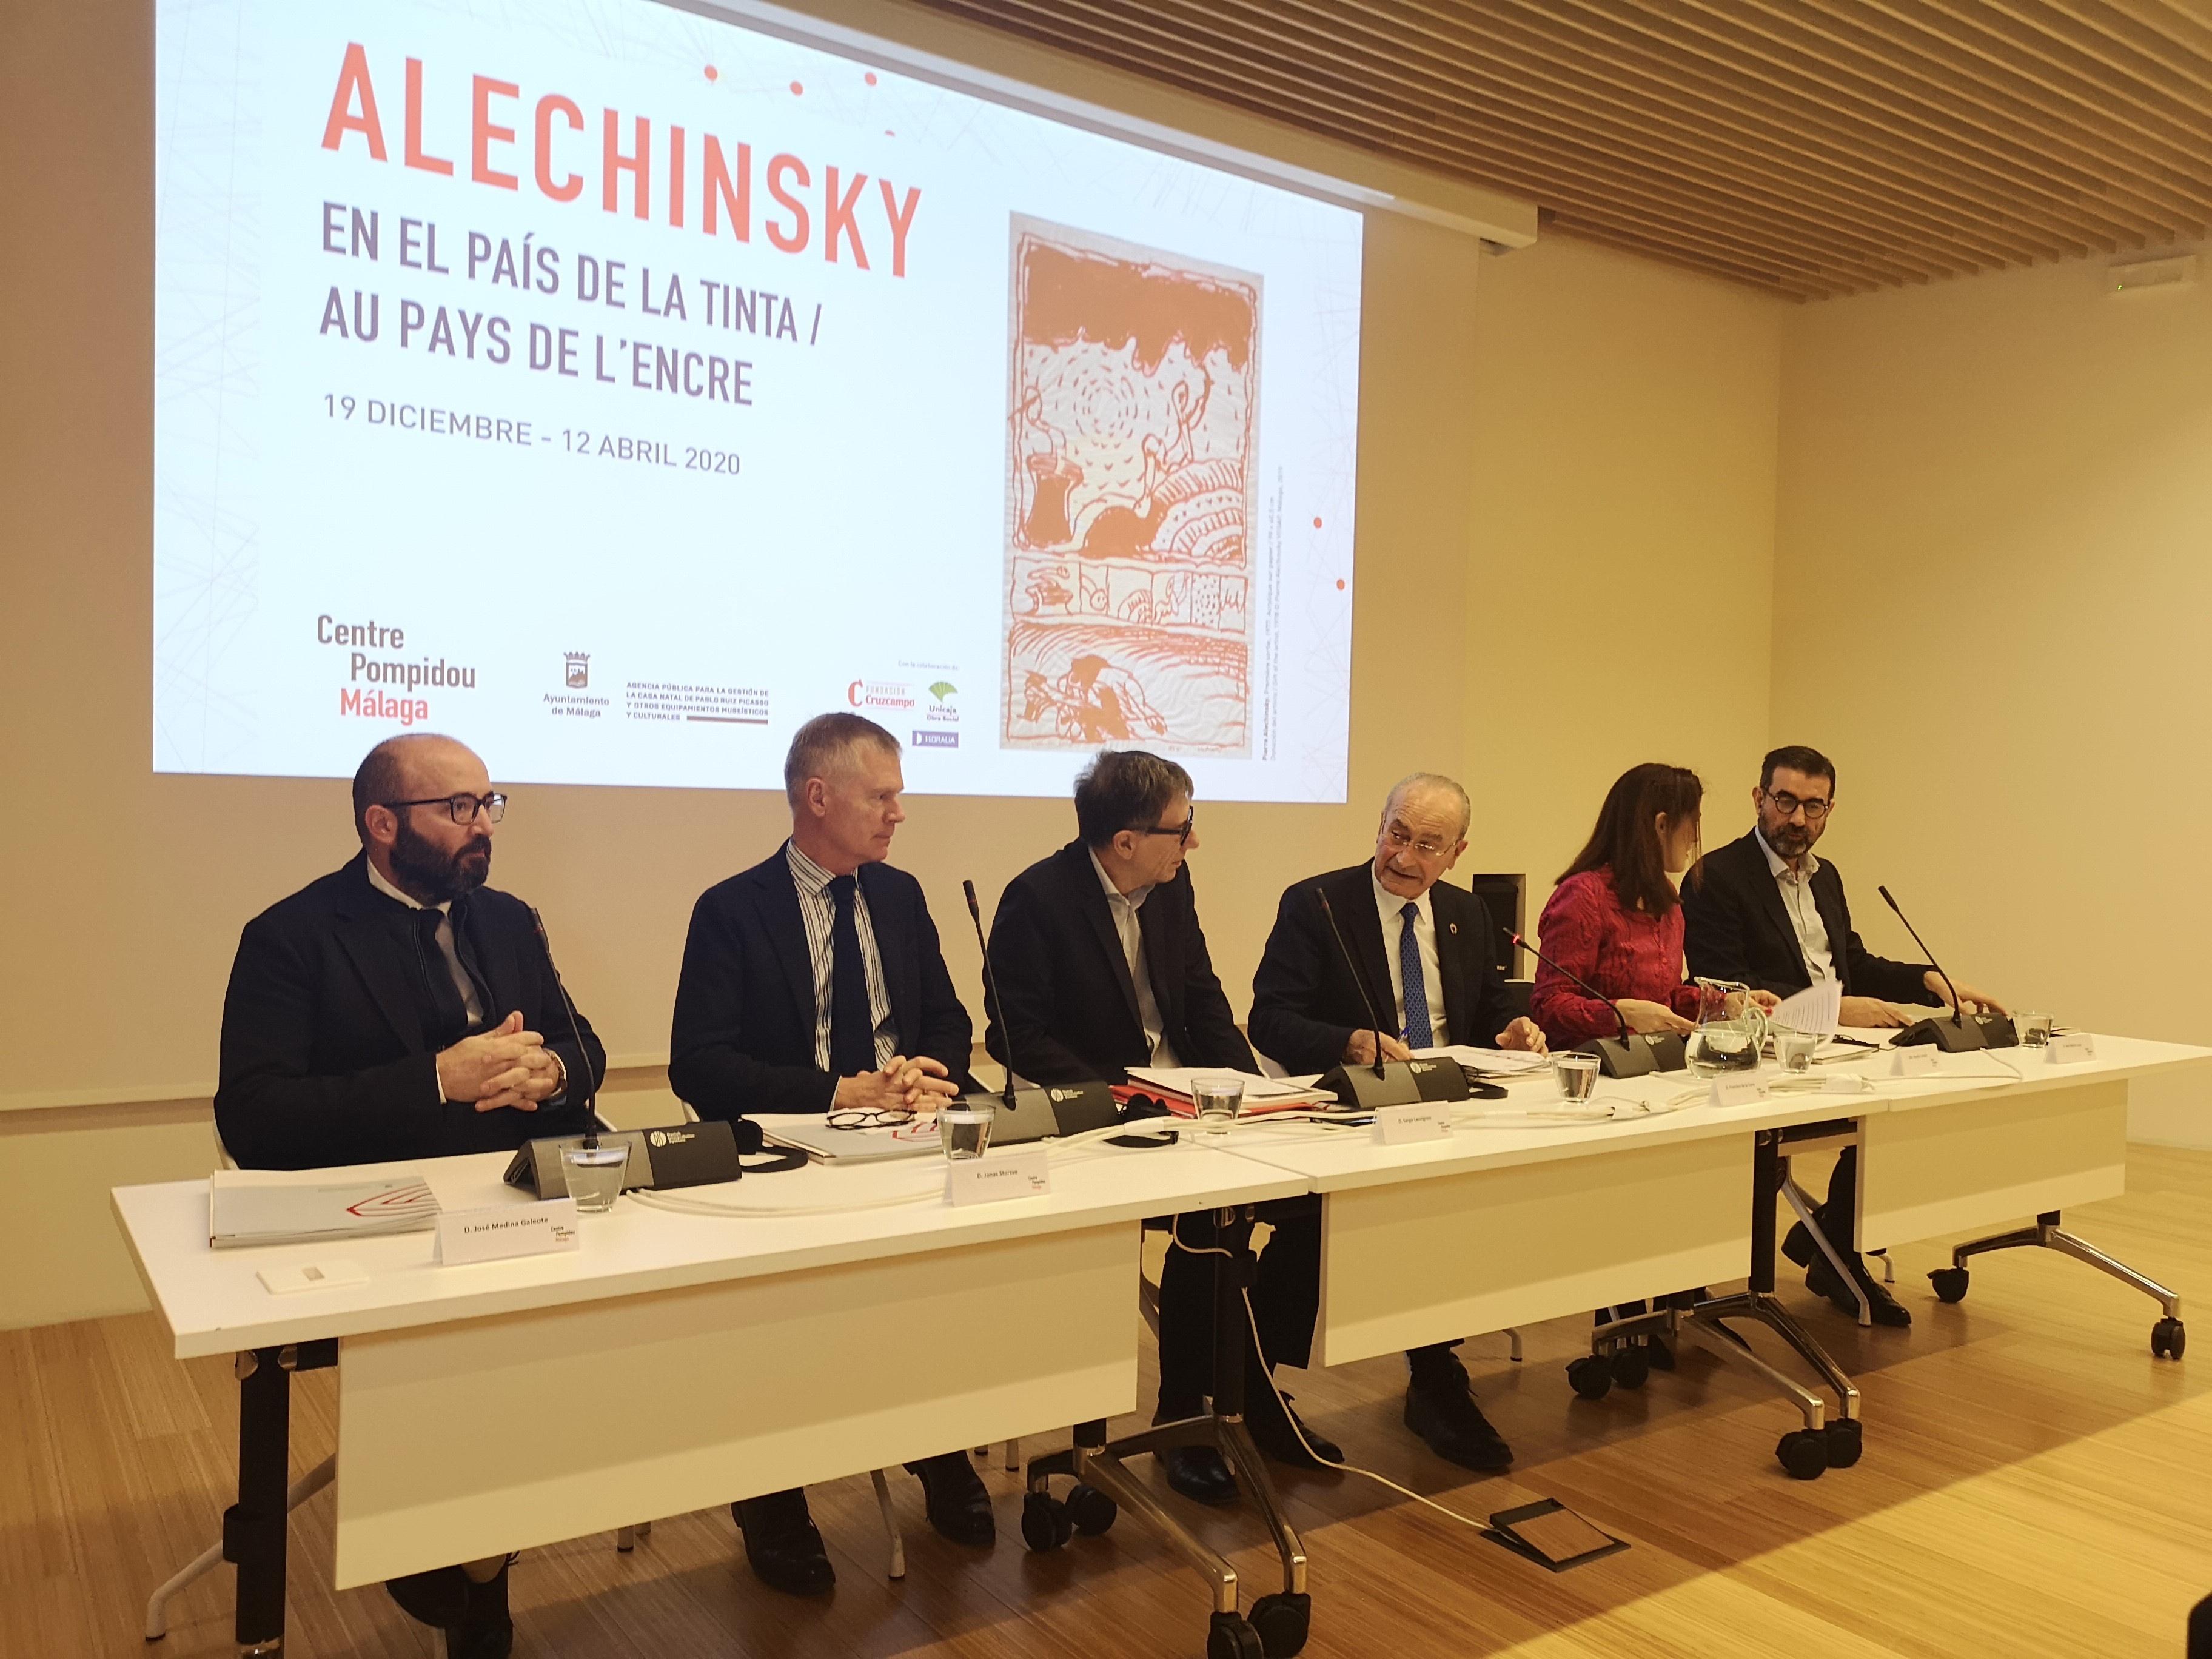 alechinsky-4